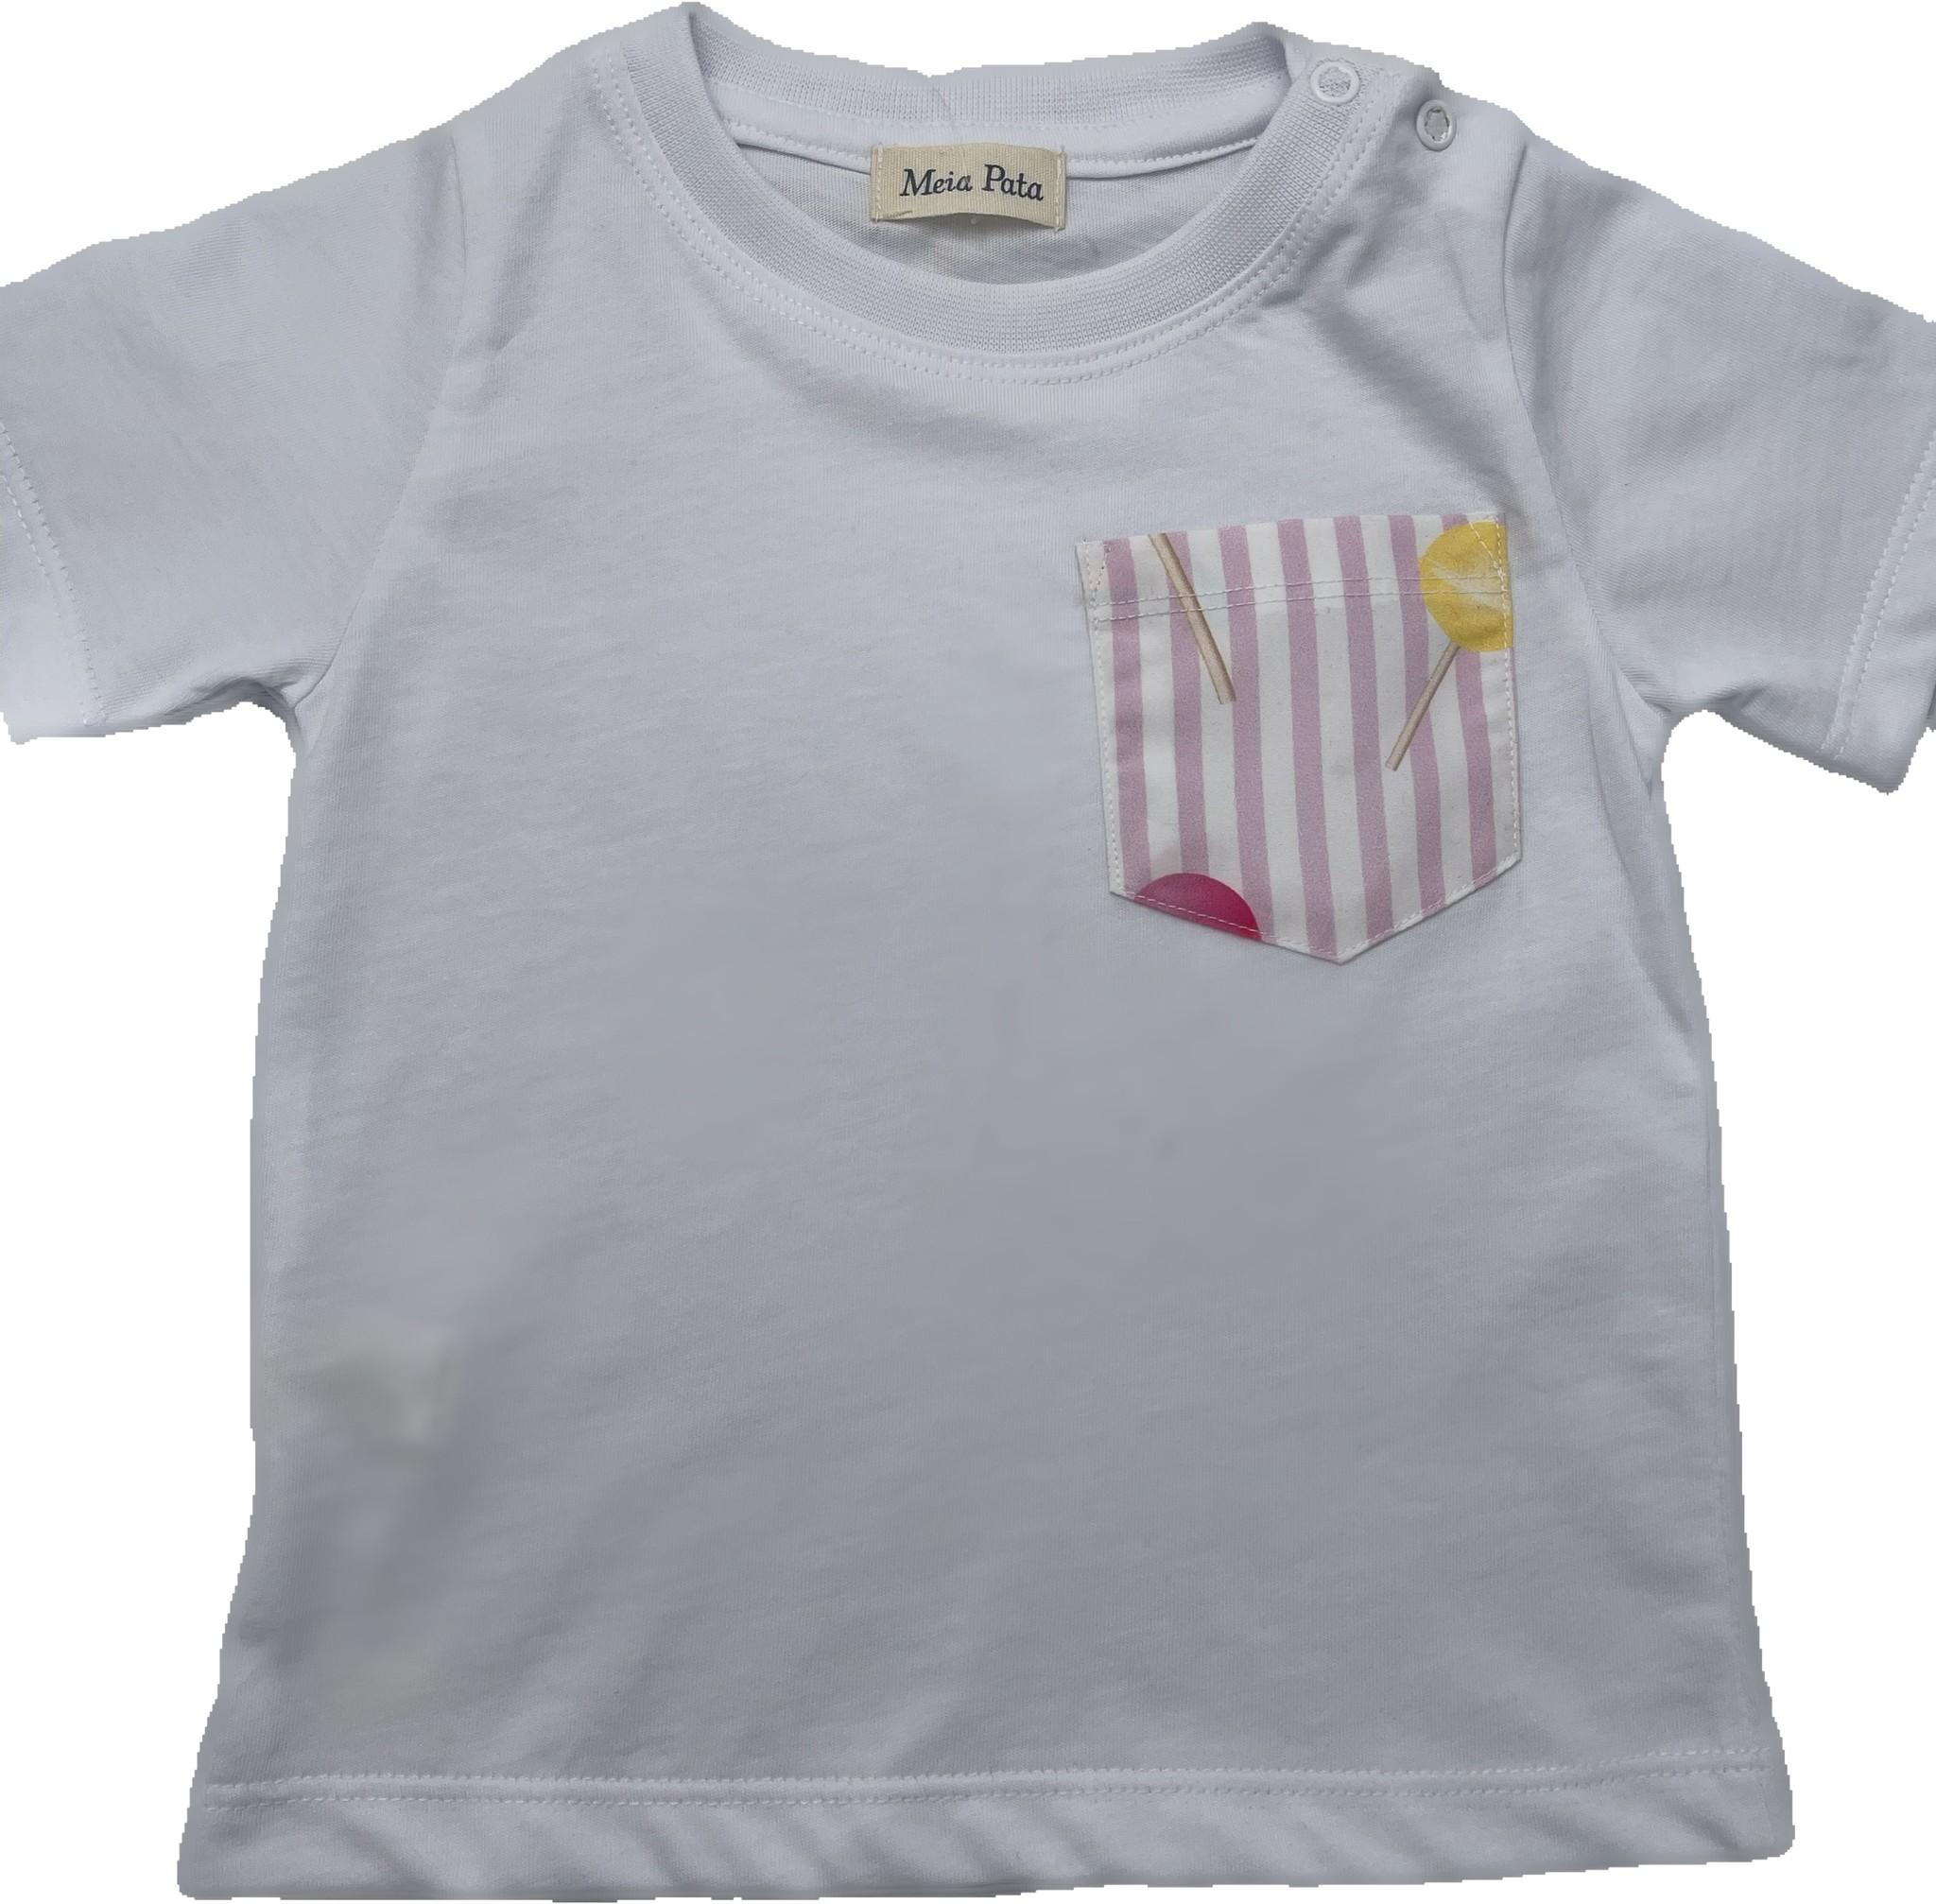 Meia Pata MEIA PATA - Boys Beach T-Shirt S21